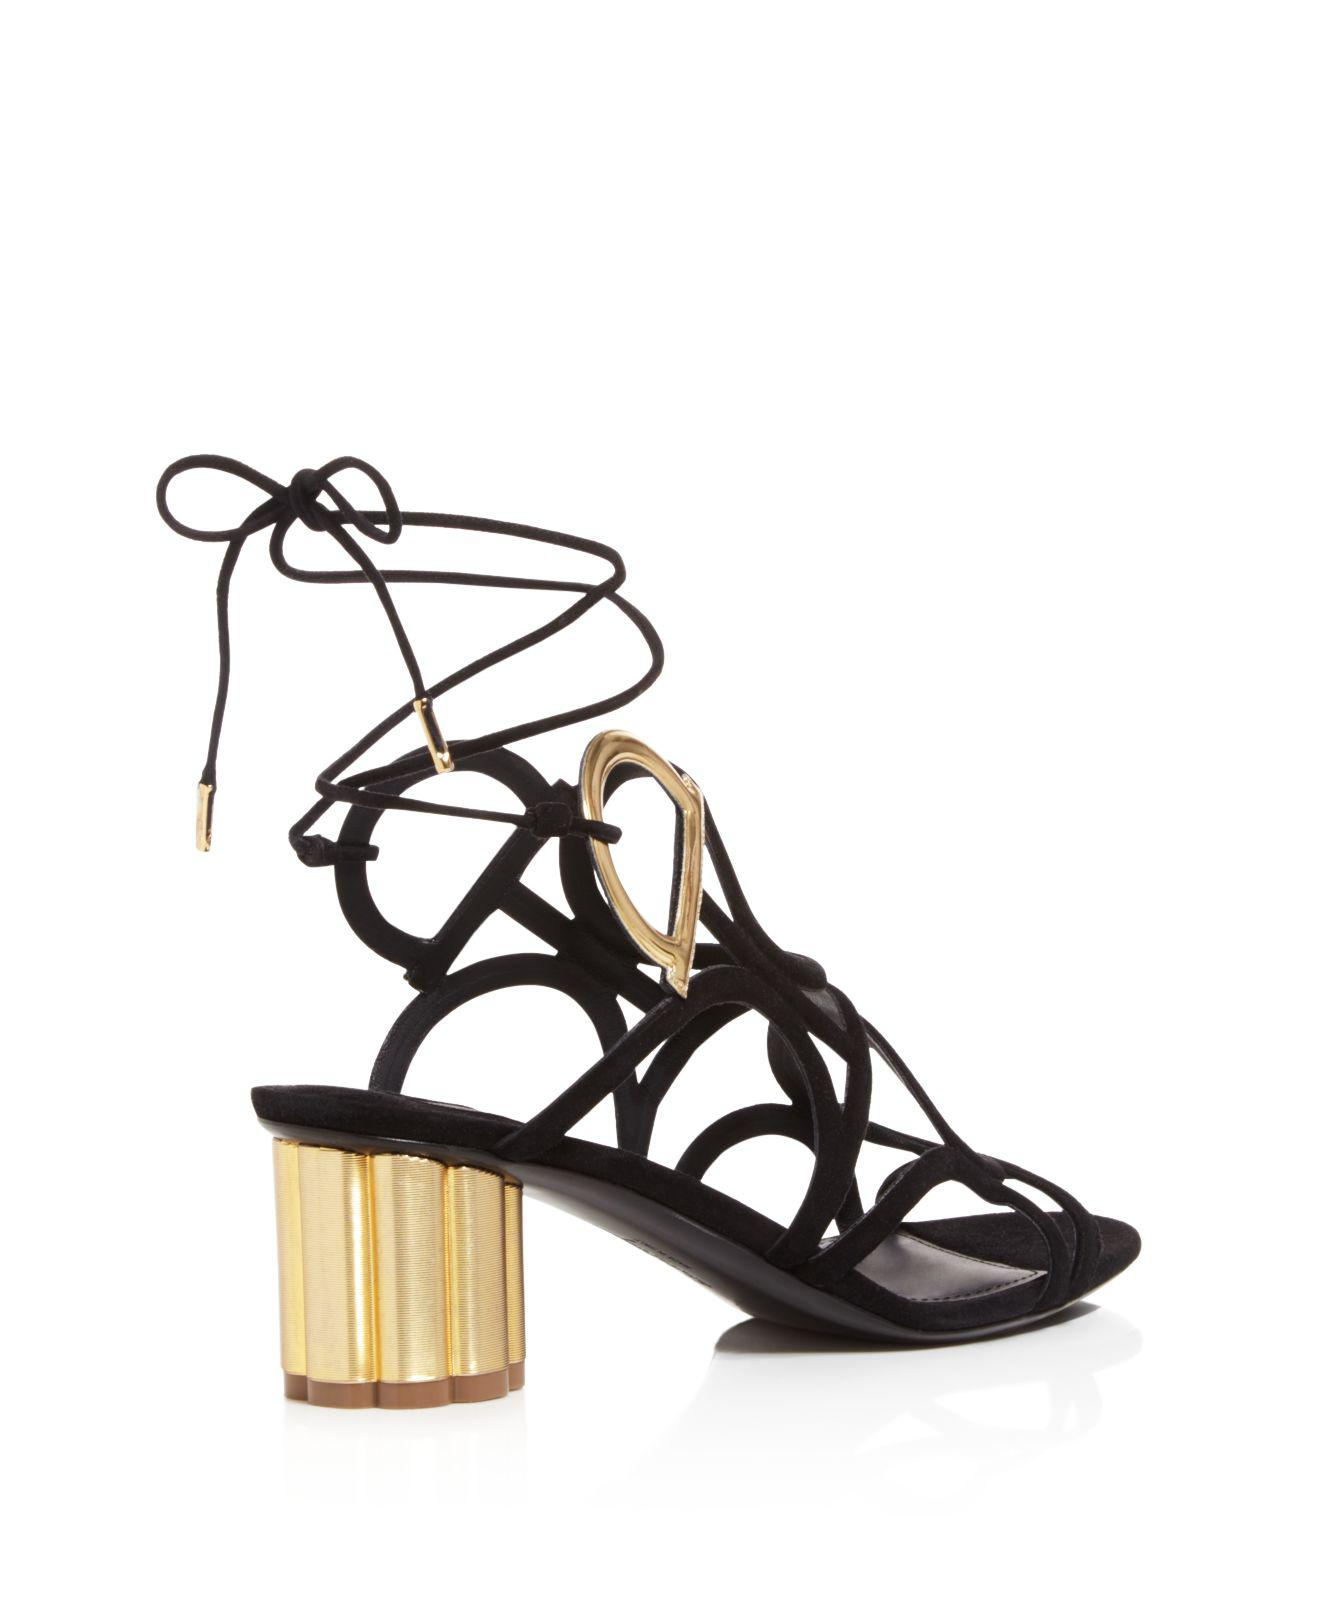 Salvatore Ferragamo Women's Suede Ankle Tie Floral Heel Sandals